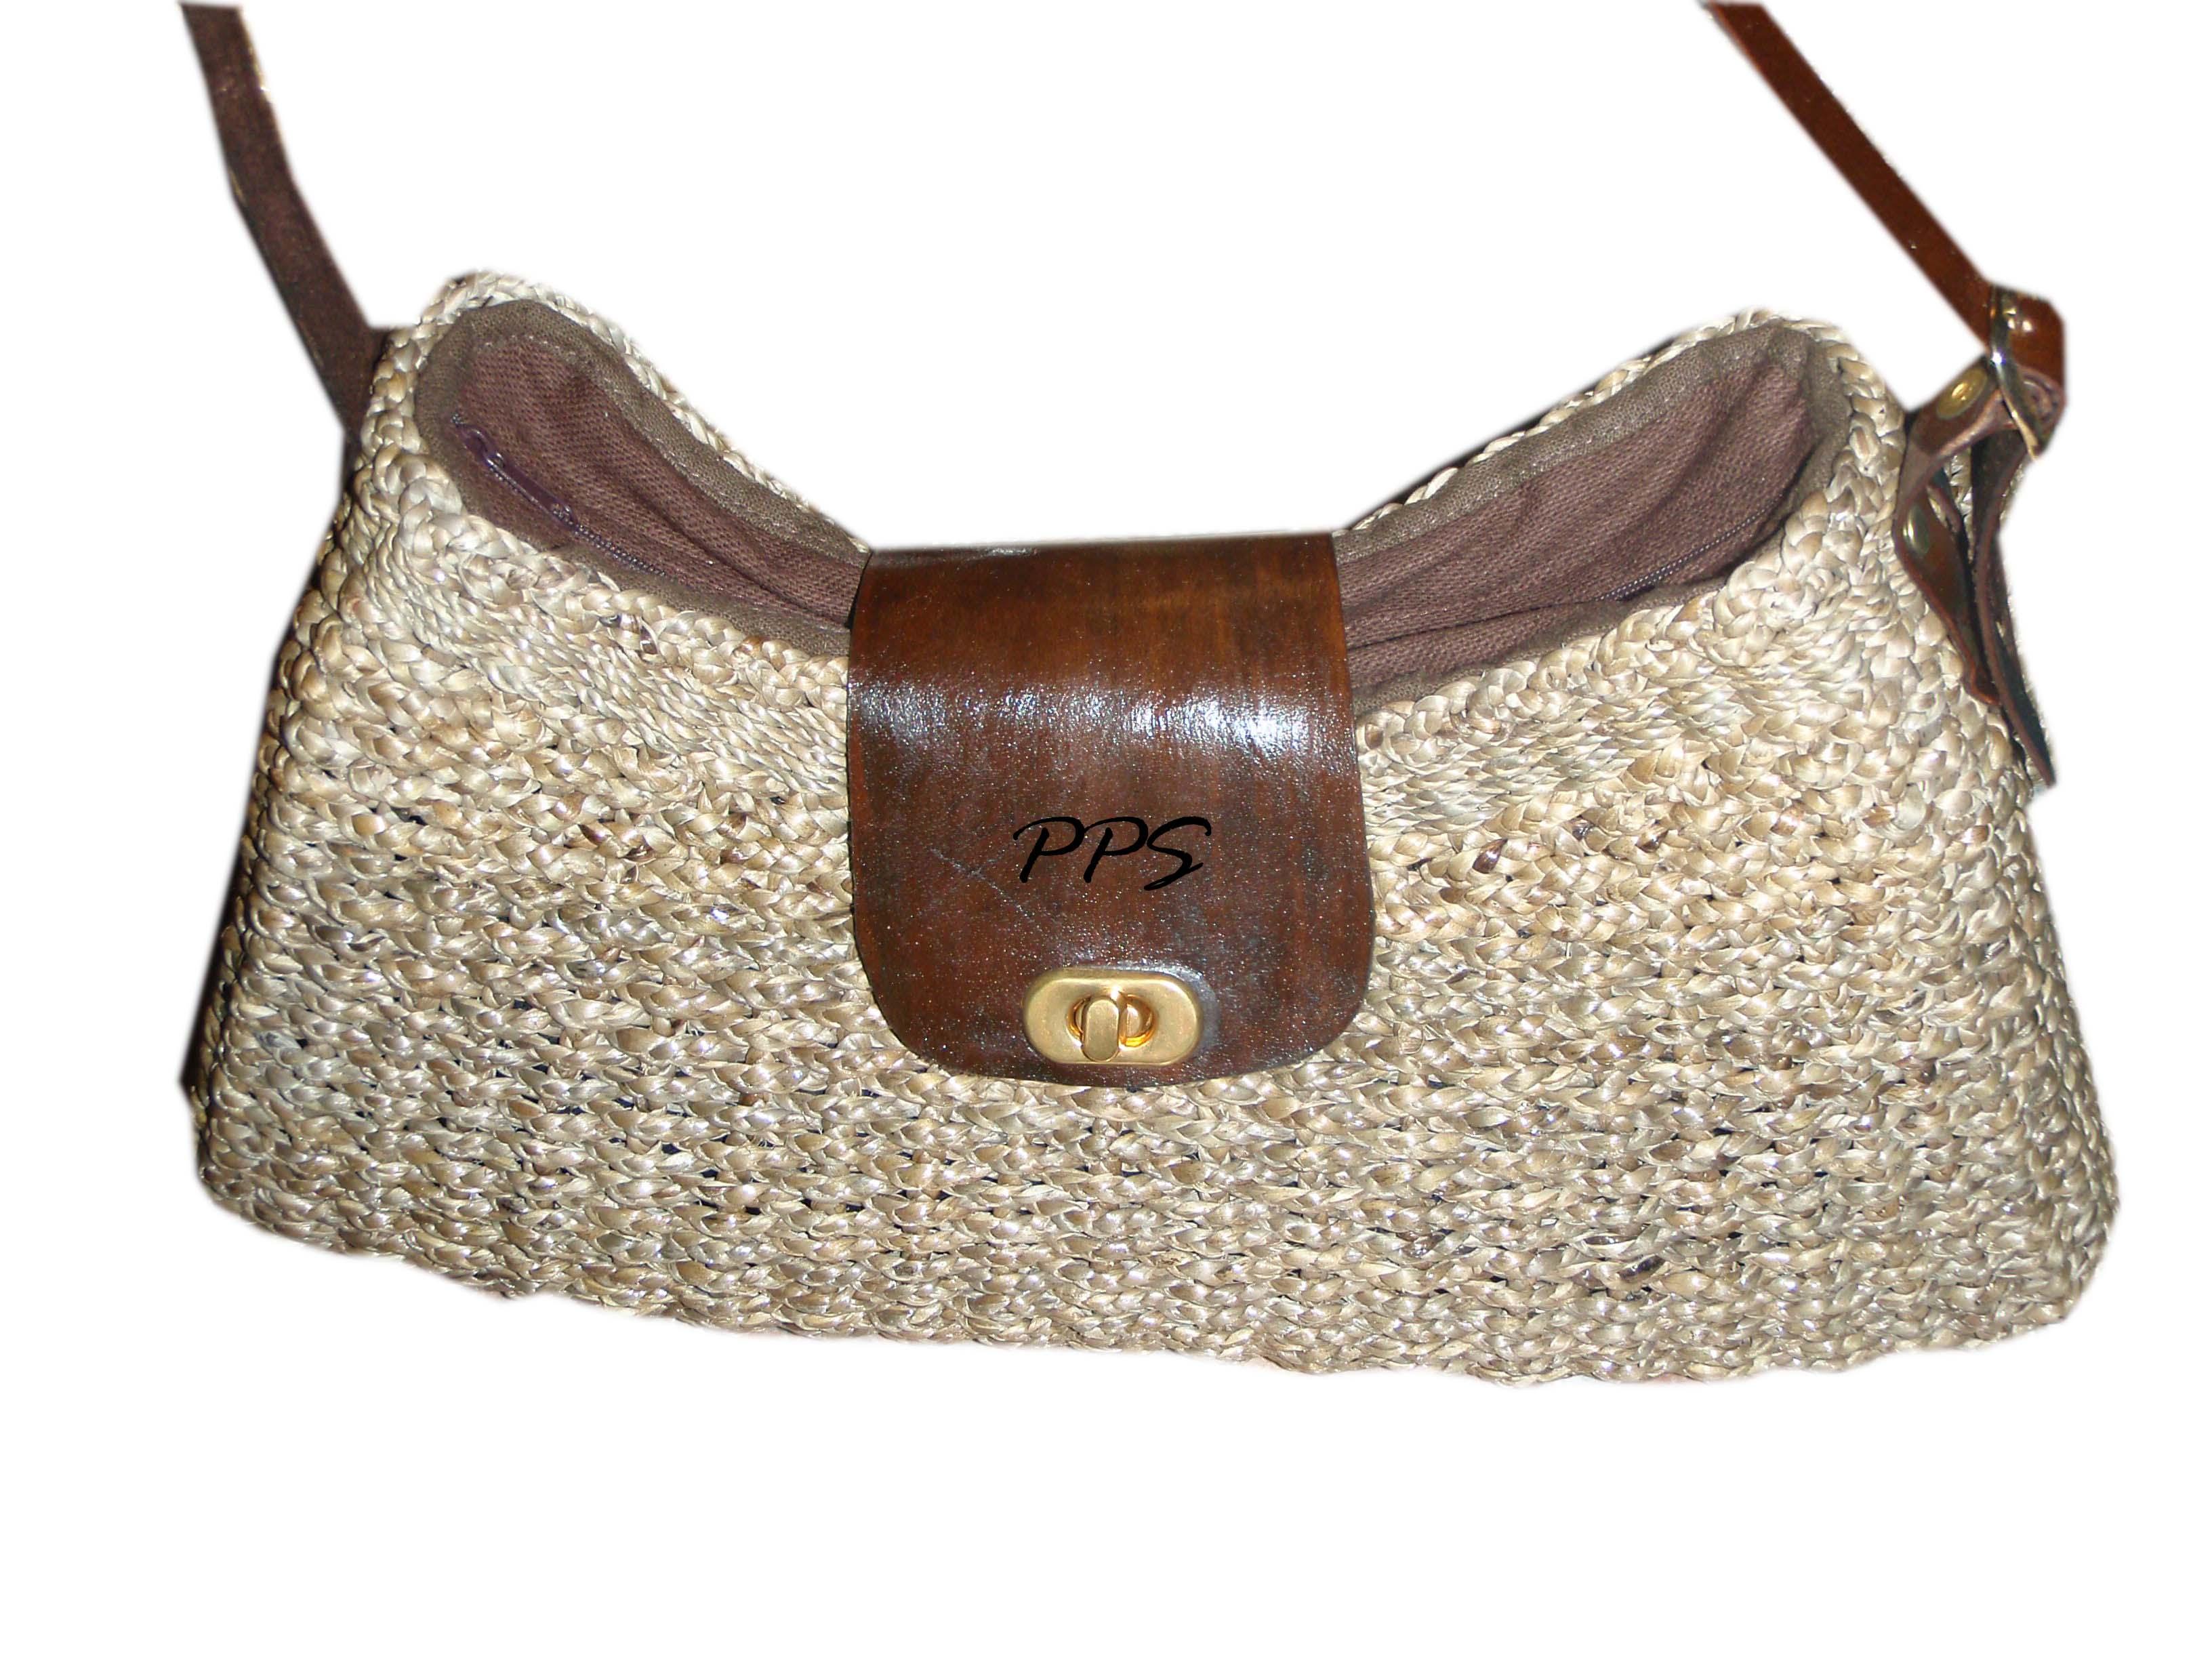 Hyacinth Bag-PPS Bag brand 25